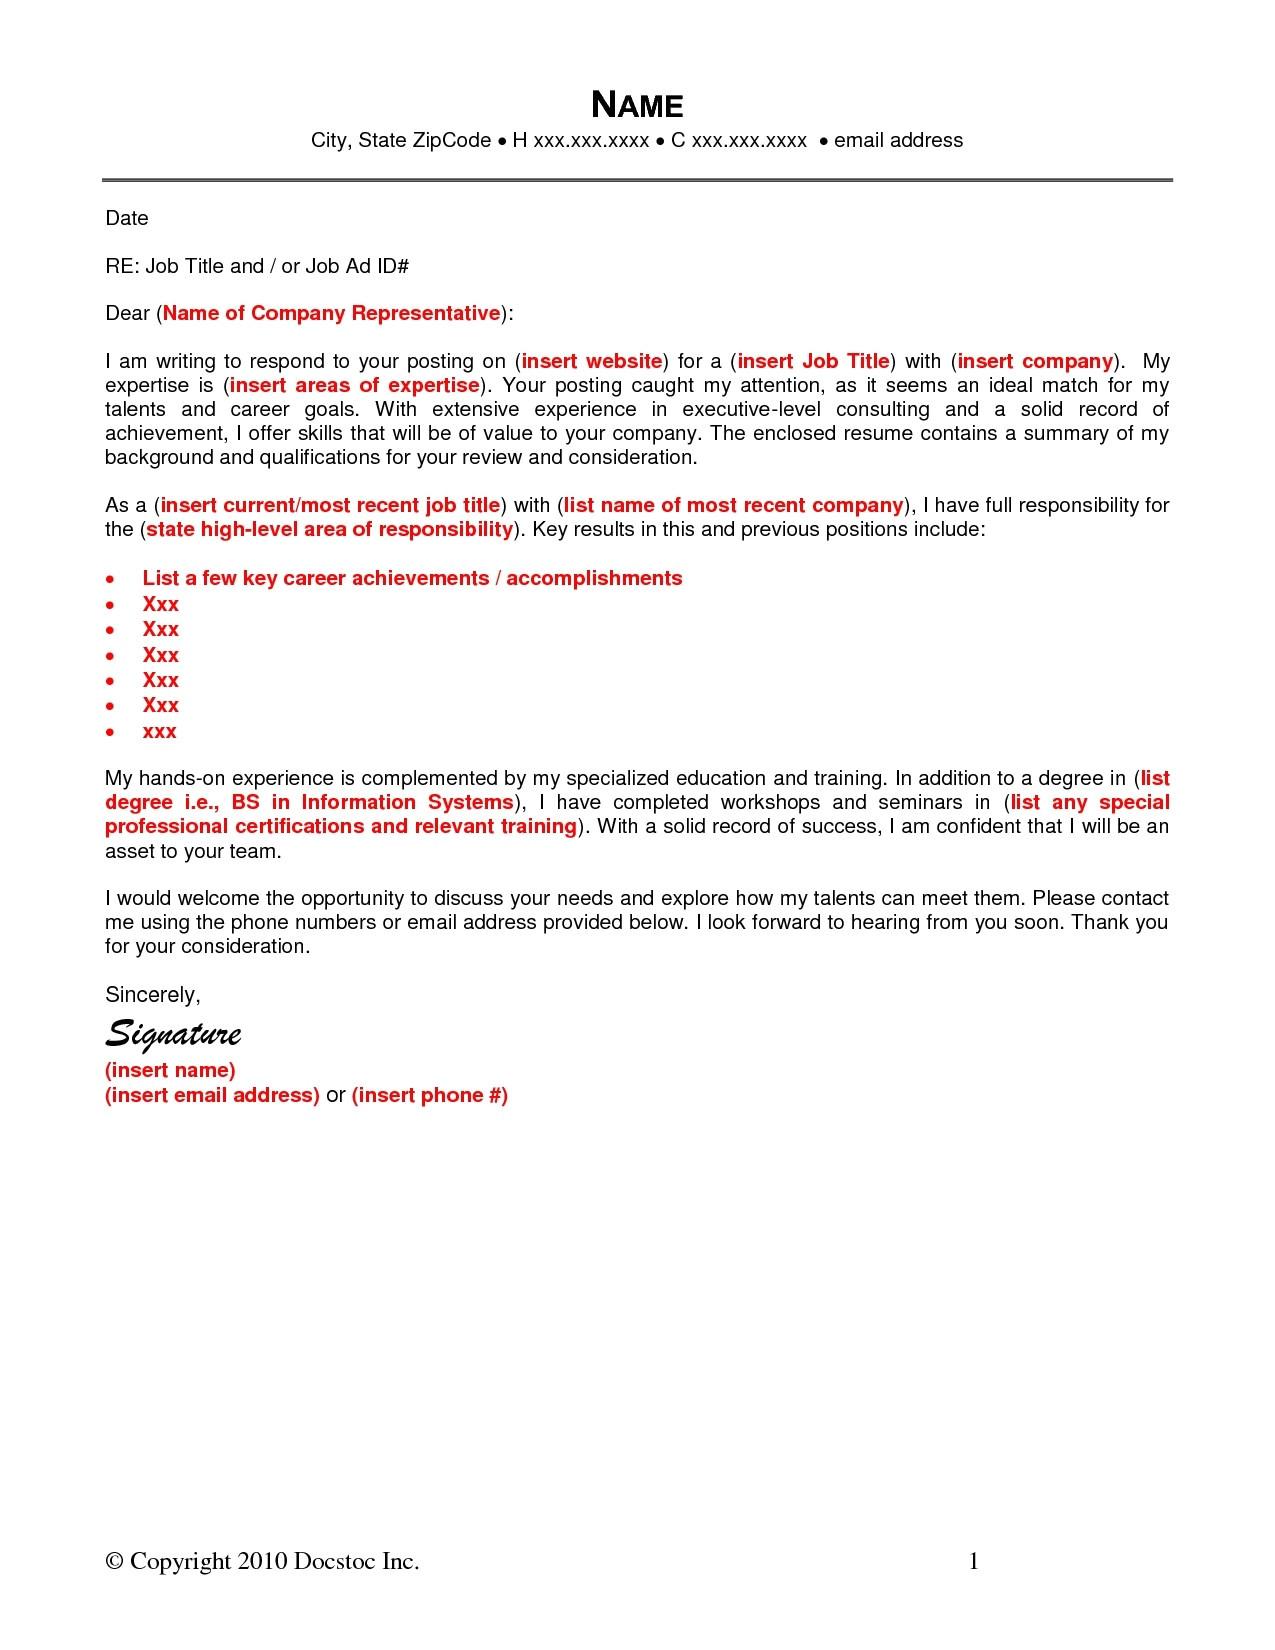 Cover Letter when Sending Resume by Email Resume Cover Letter Via Email Sample Sidemcicek Com